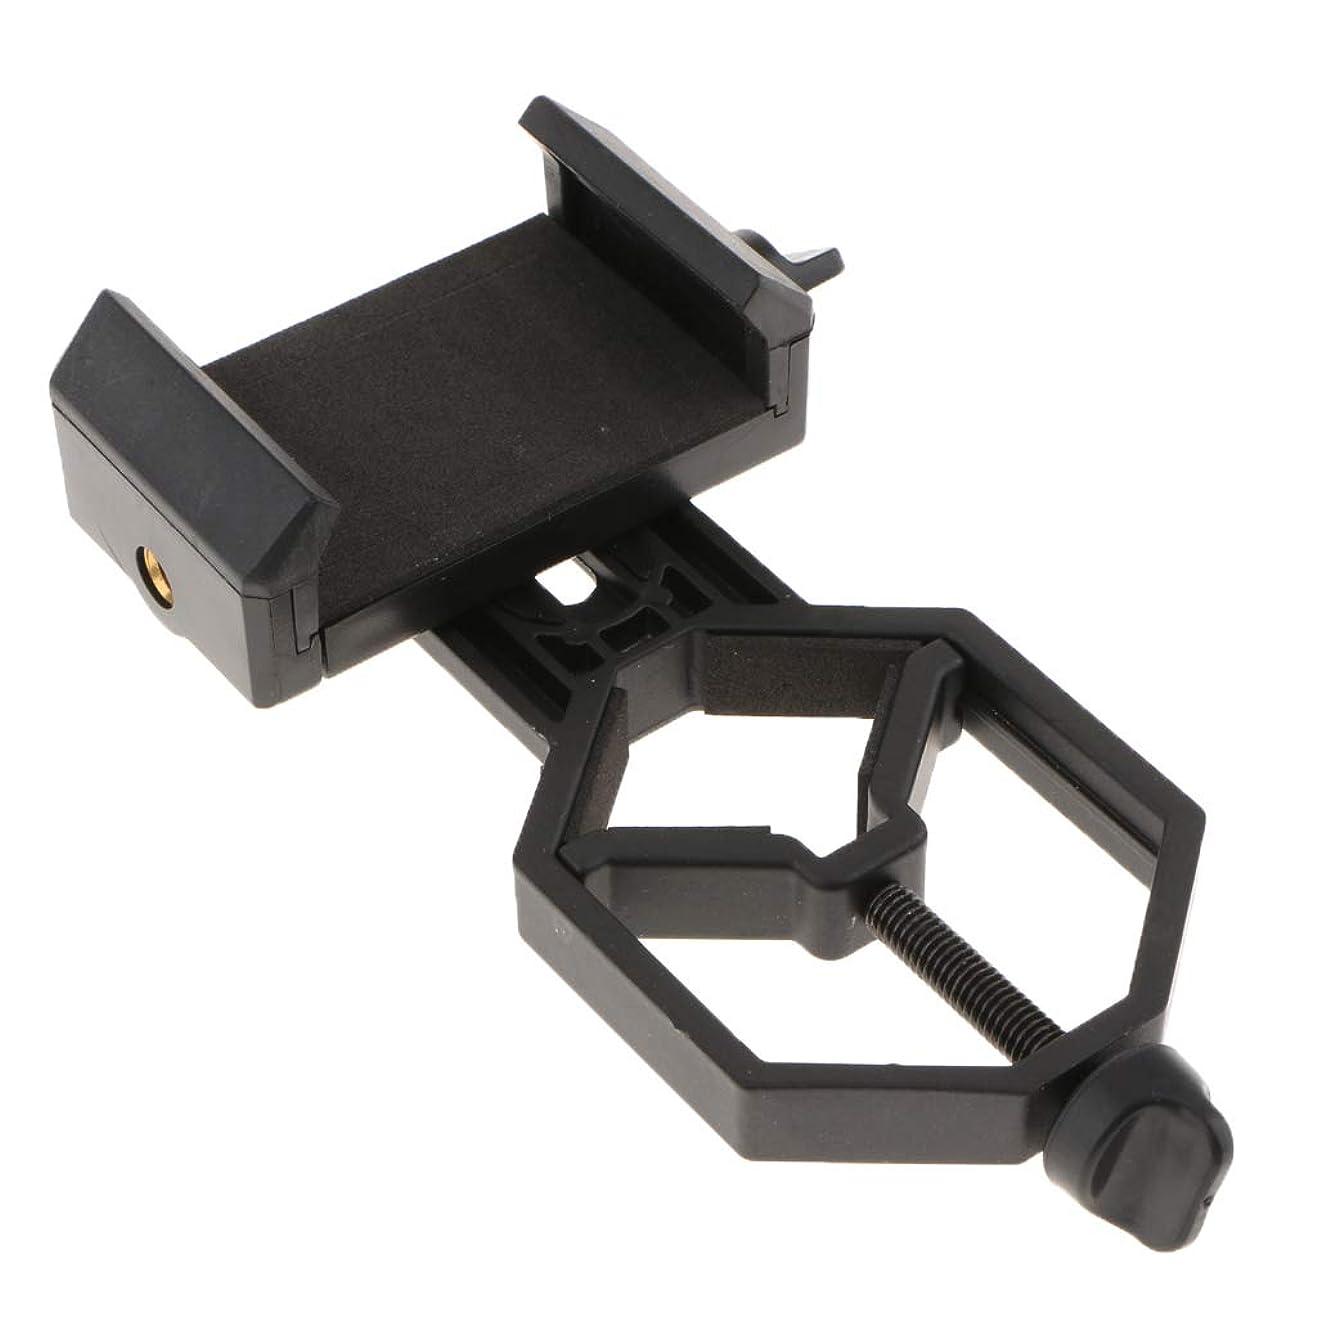 拒否騒砲兵Sharplace ブラック 望遠鏡カメラアダプター スマホホルダー 調整可能 接続アダプタ 亜鉛合金